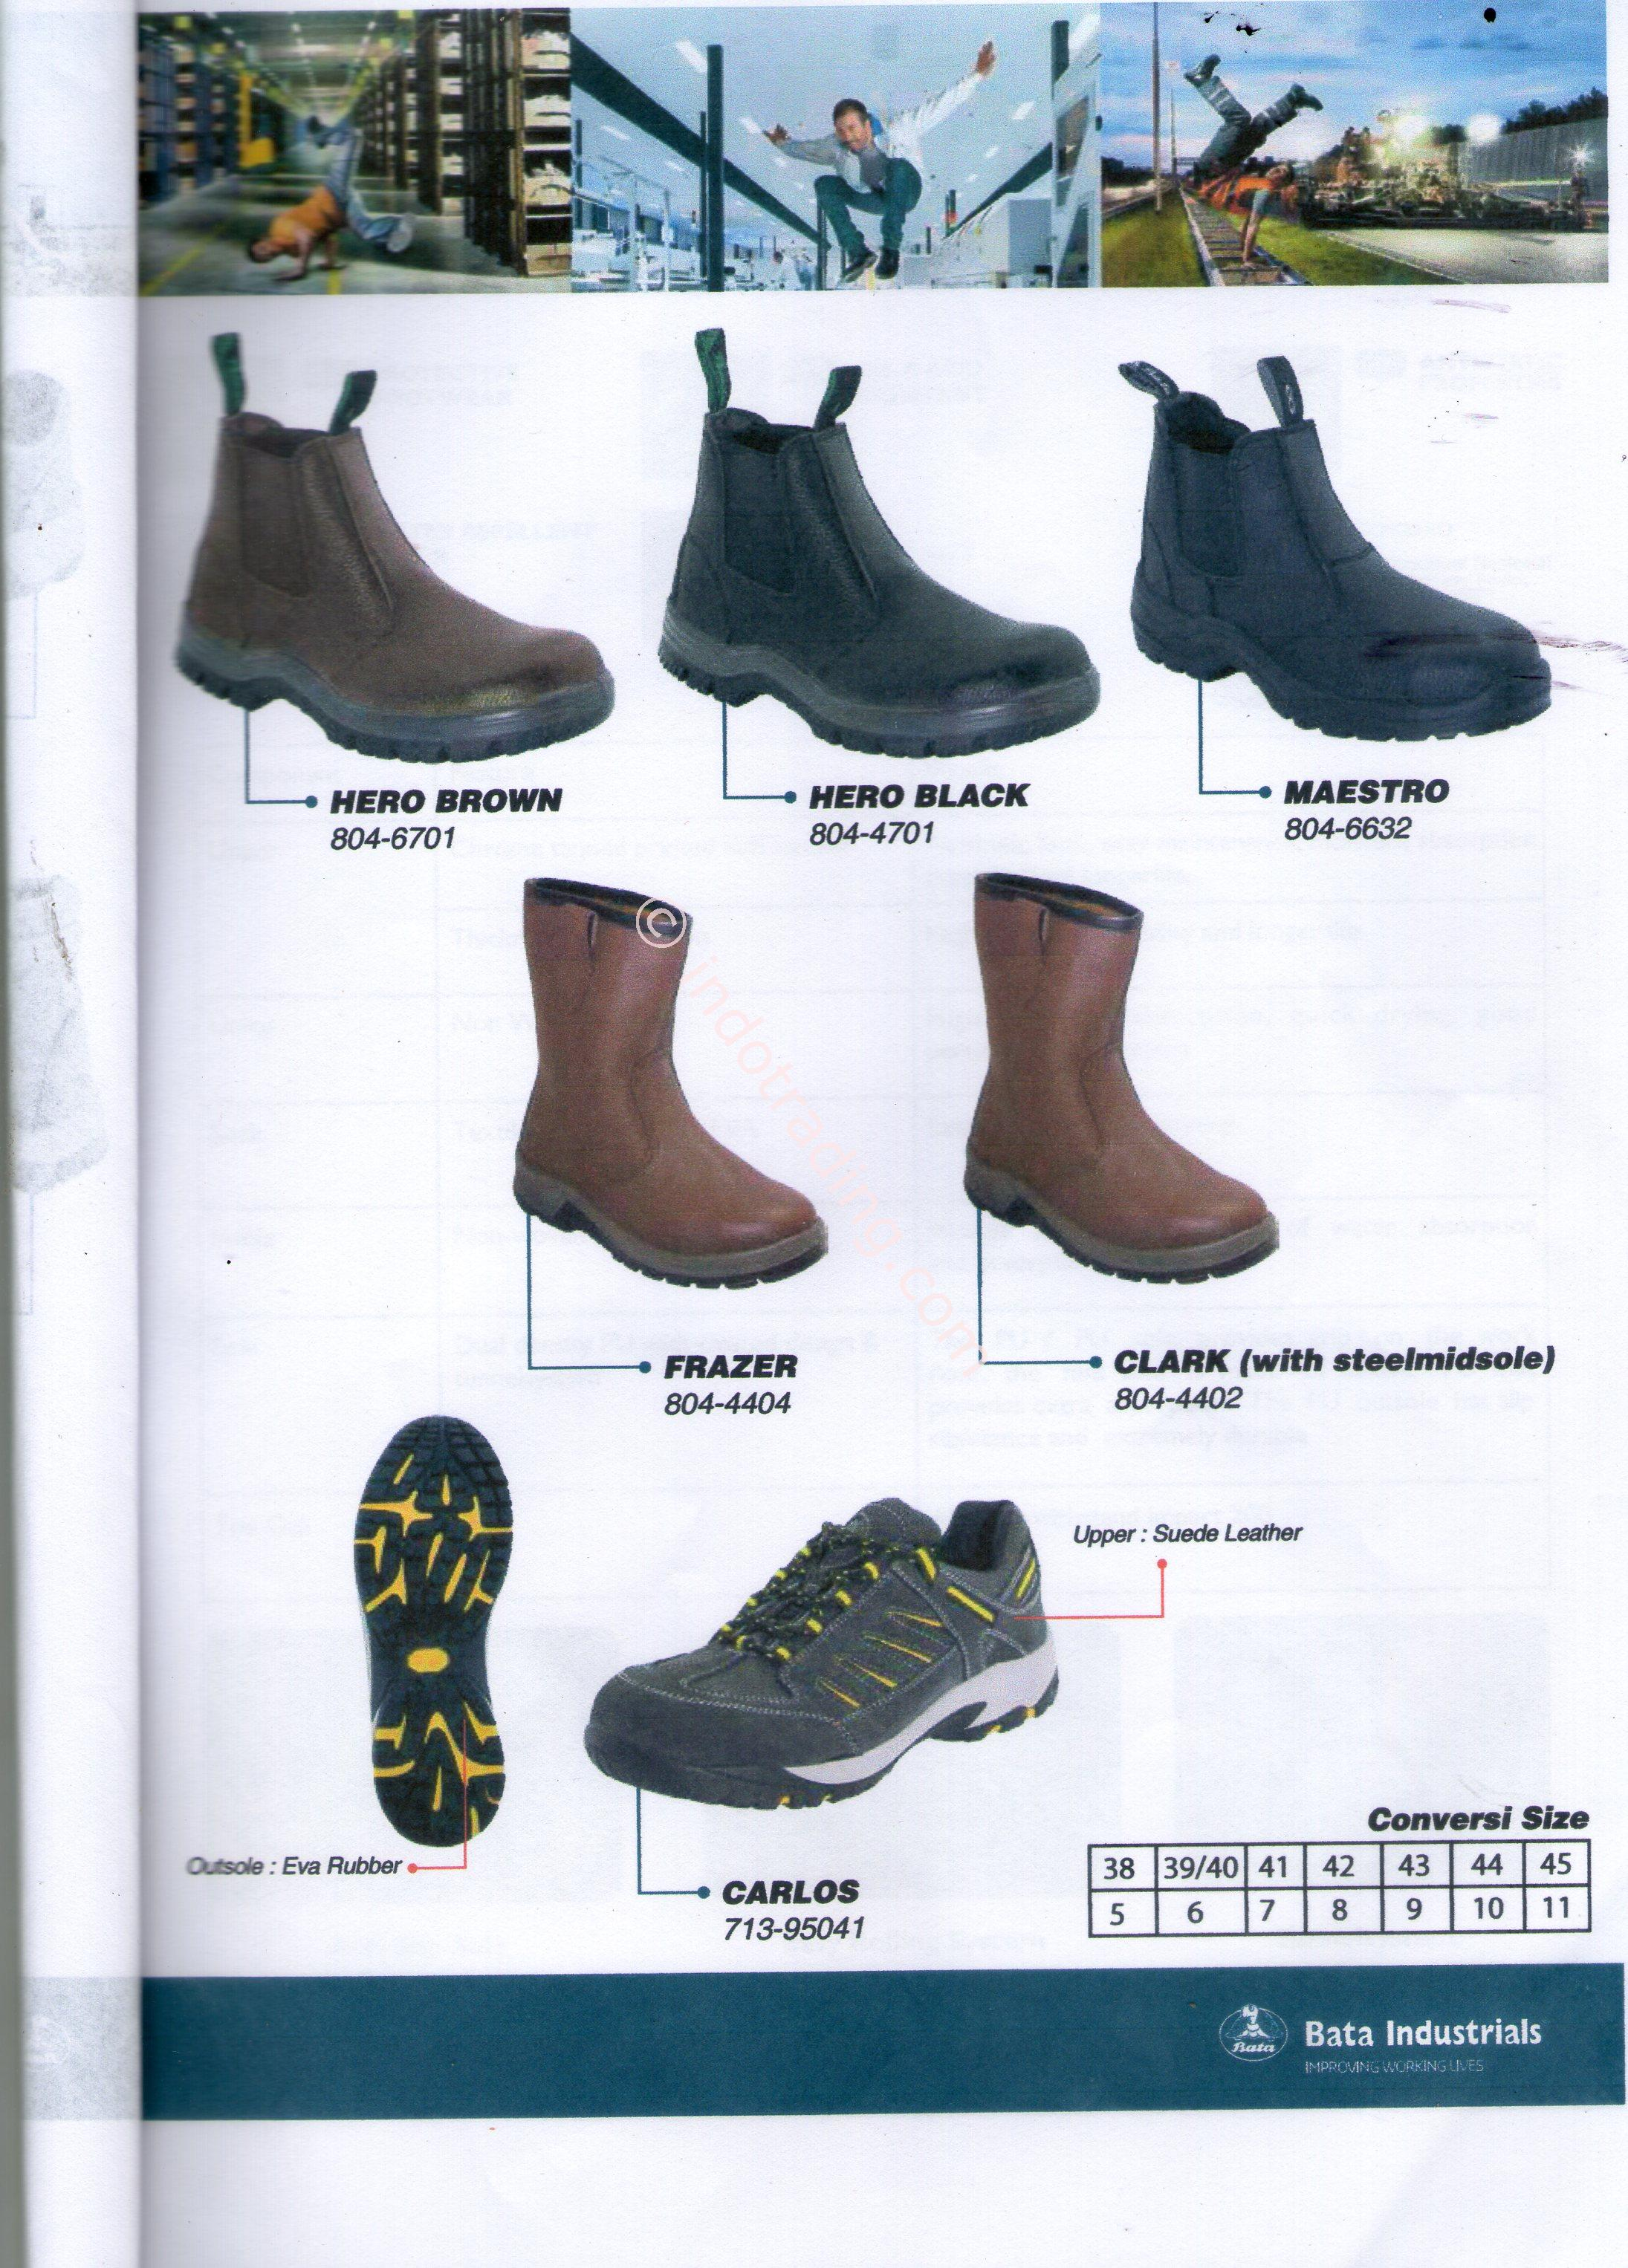 Jual Sepatu Bata Safety Harga Murah Surabaya Oleh UD Bam